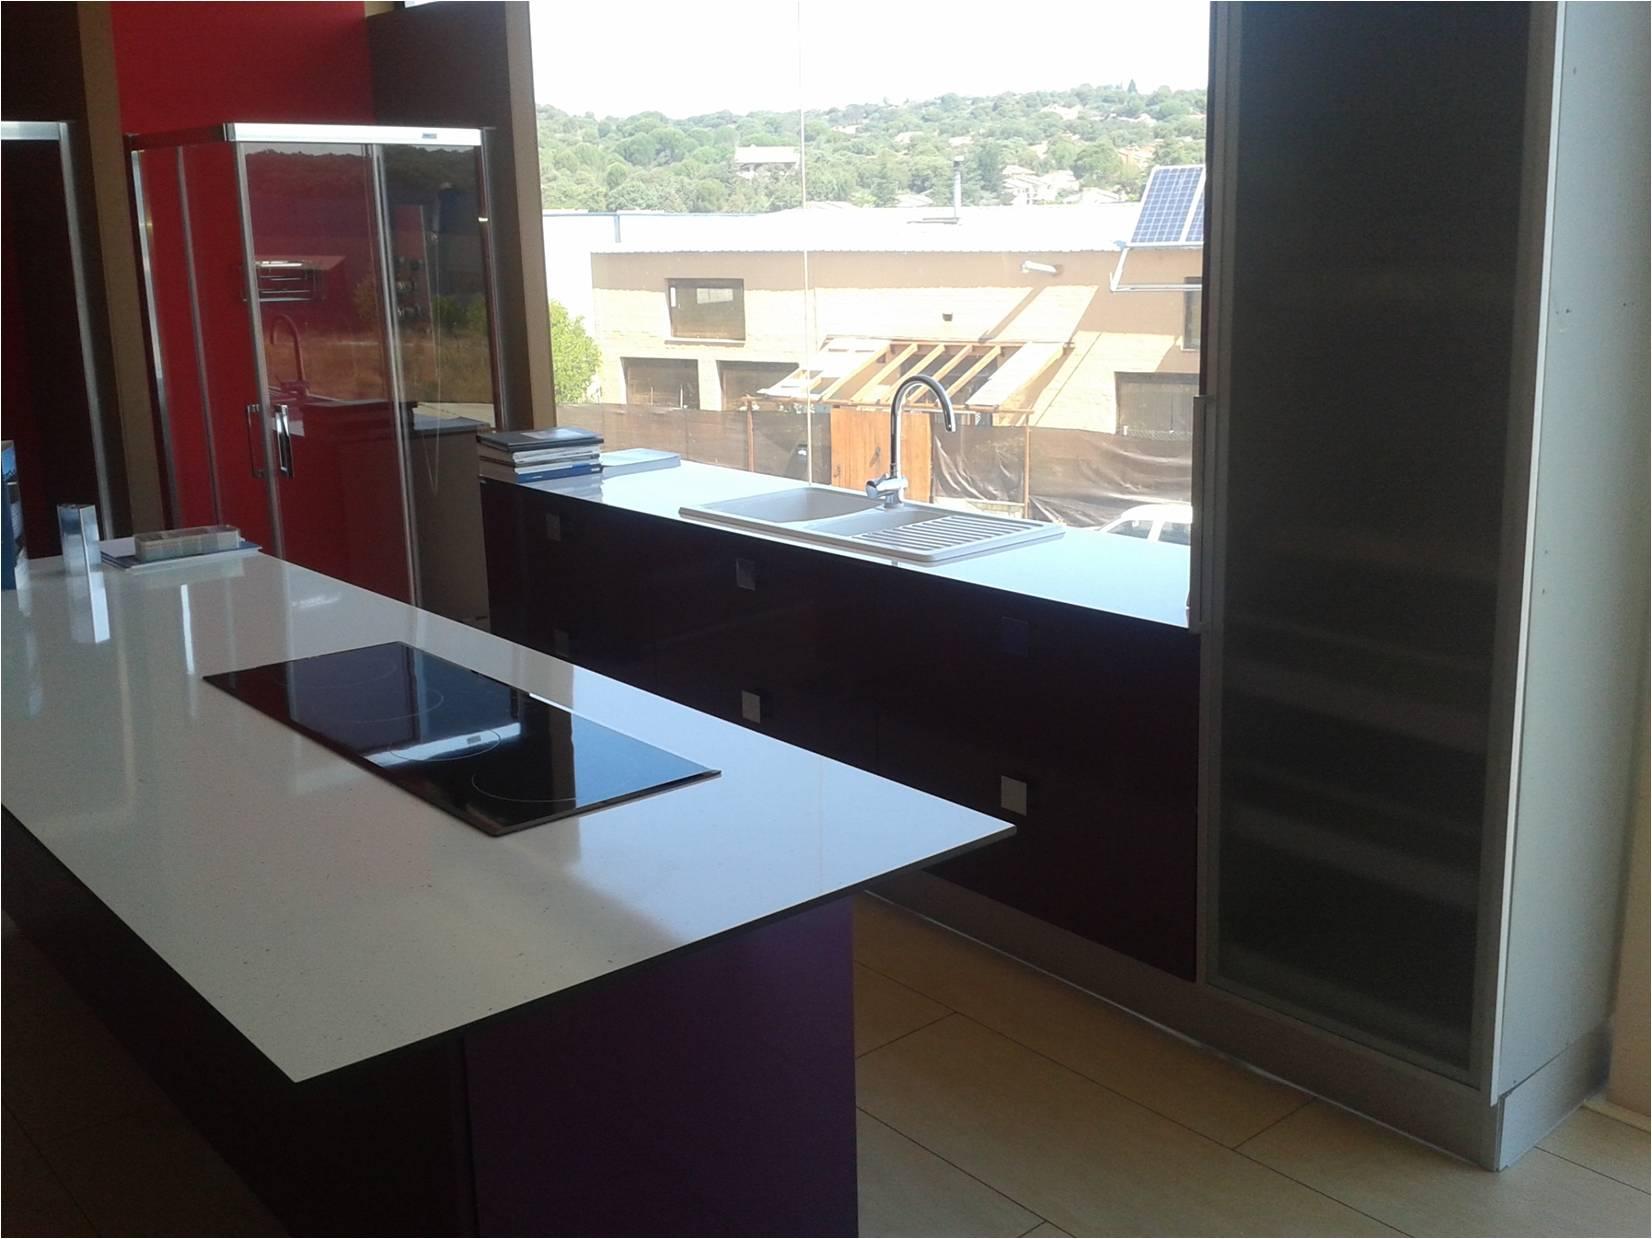 Liquidaci n exposiciones muebles cocina - Liquidacion cocinas exposicion madrid ...